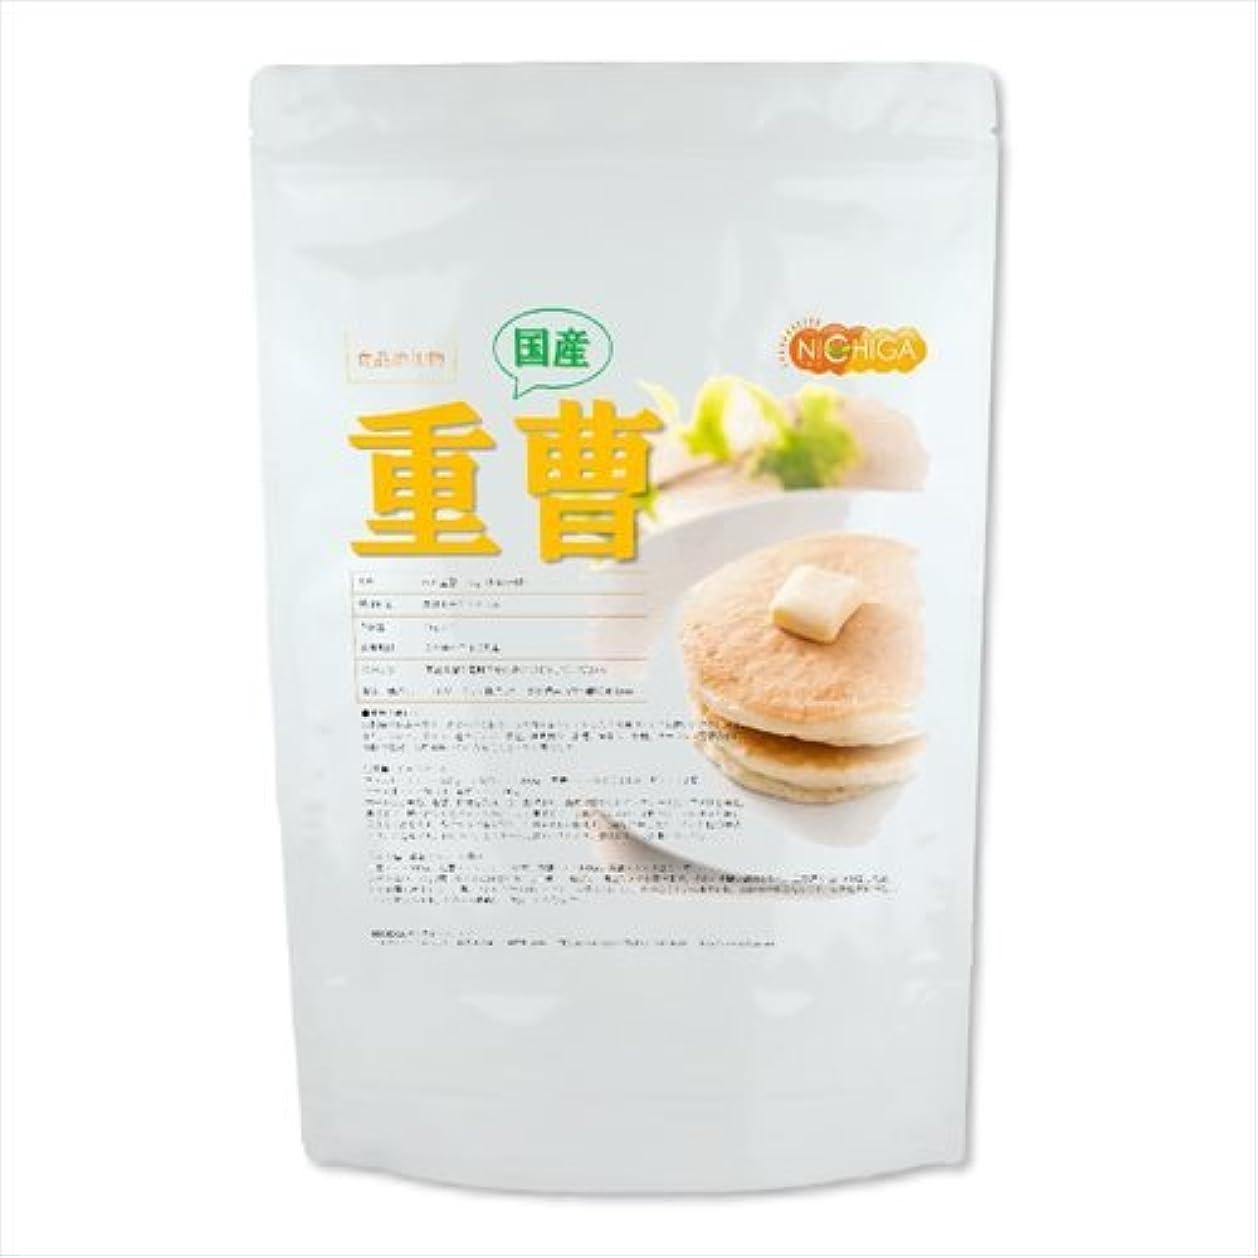 インフラ火星承認NICHIGA(ニチガ)AGC製 重曹 食品添加物(食品用) 950g